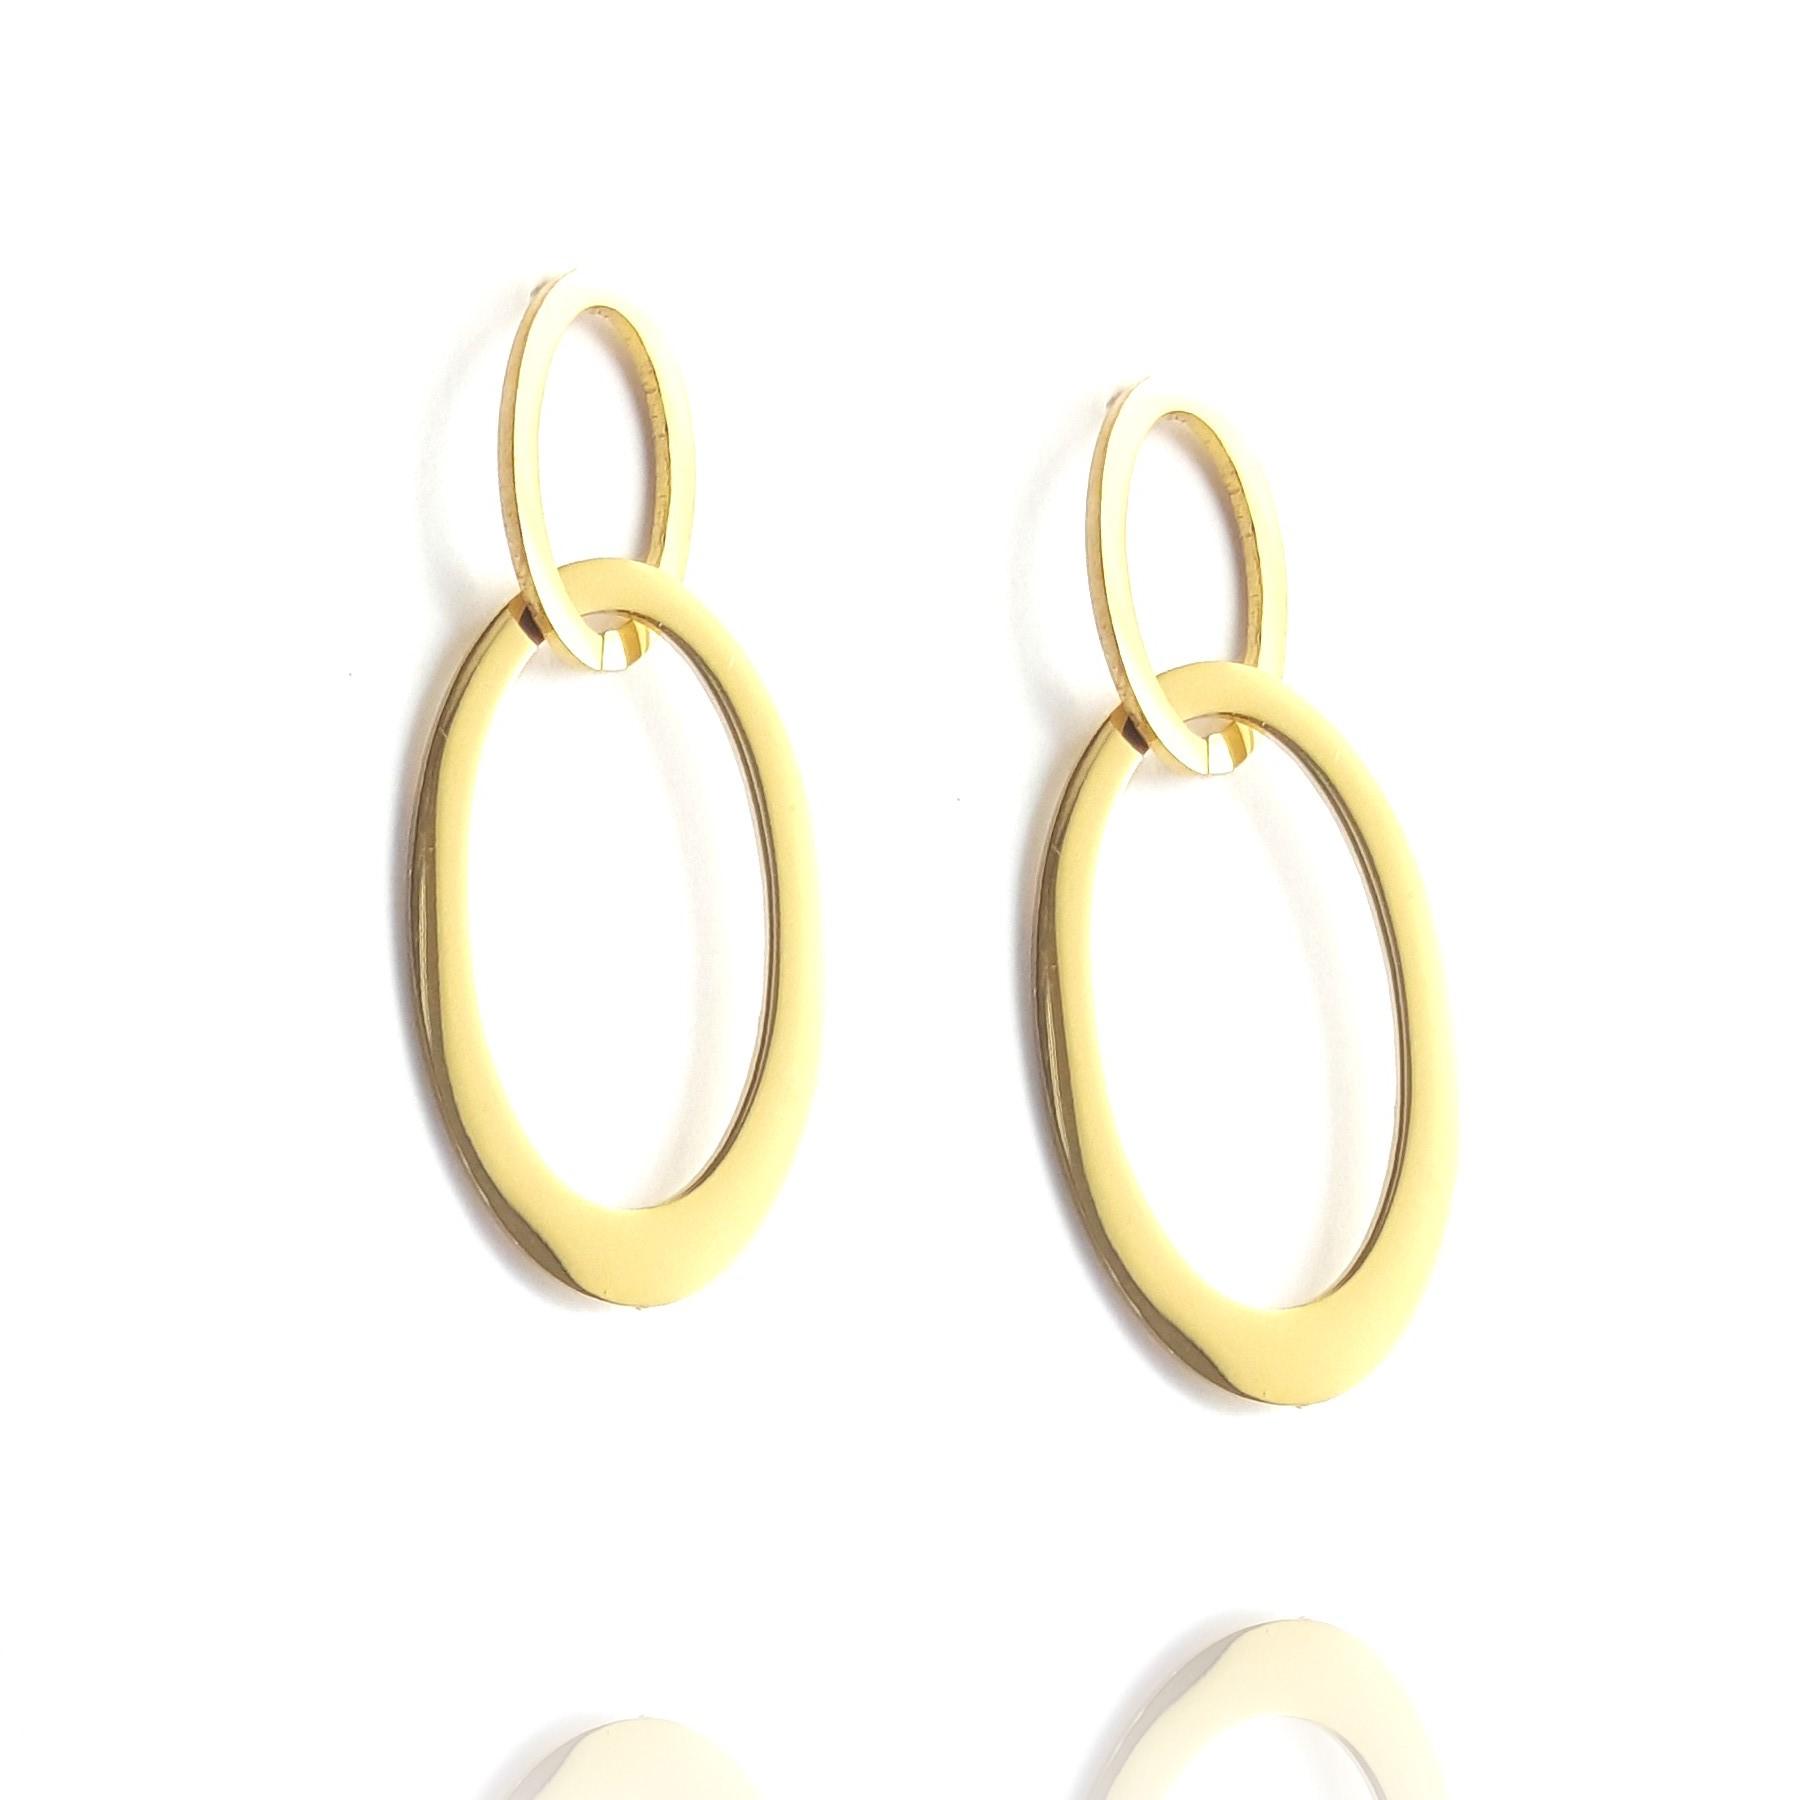 boucles d'oreilles double ovale - acier inox doré - identités bijoux